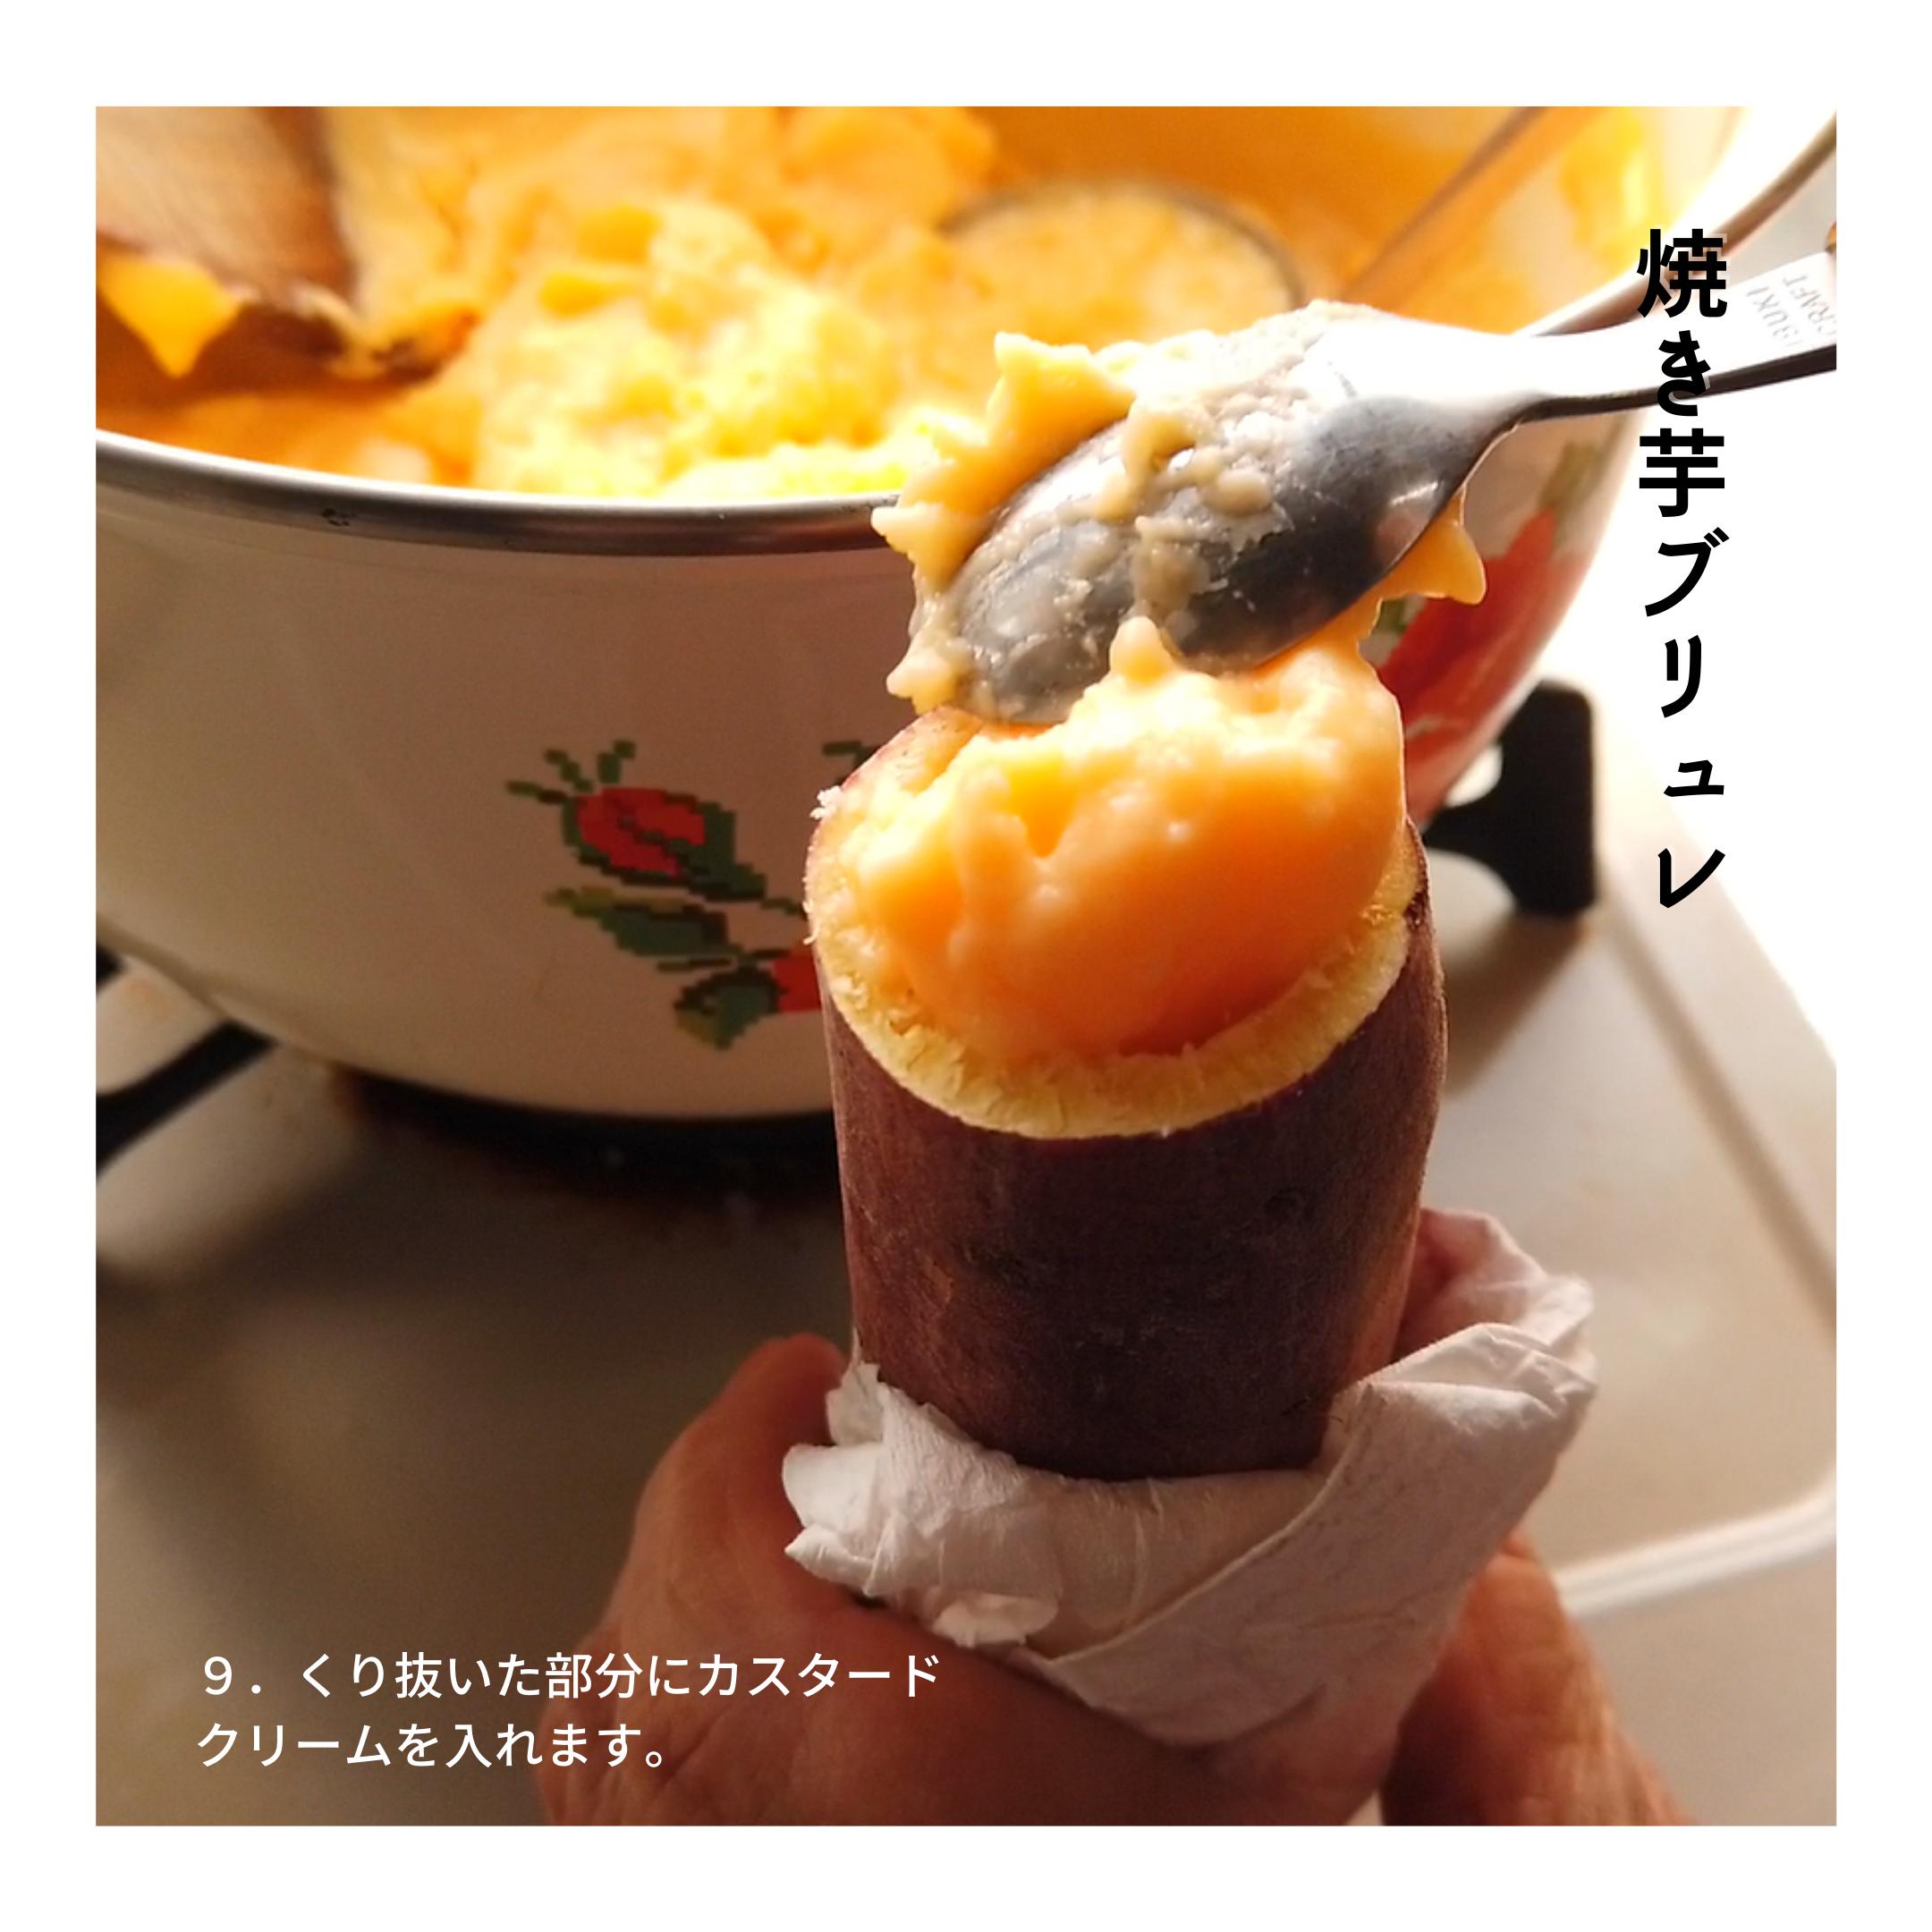 【焼き芋(壺芋)ブリュレの作り方】9.くり抜いた部分にカスタードクリームを入れます。